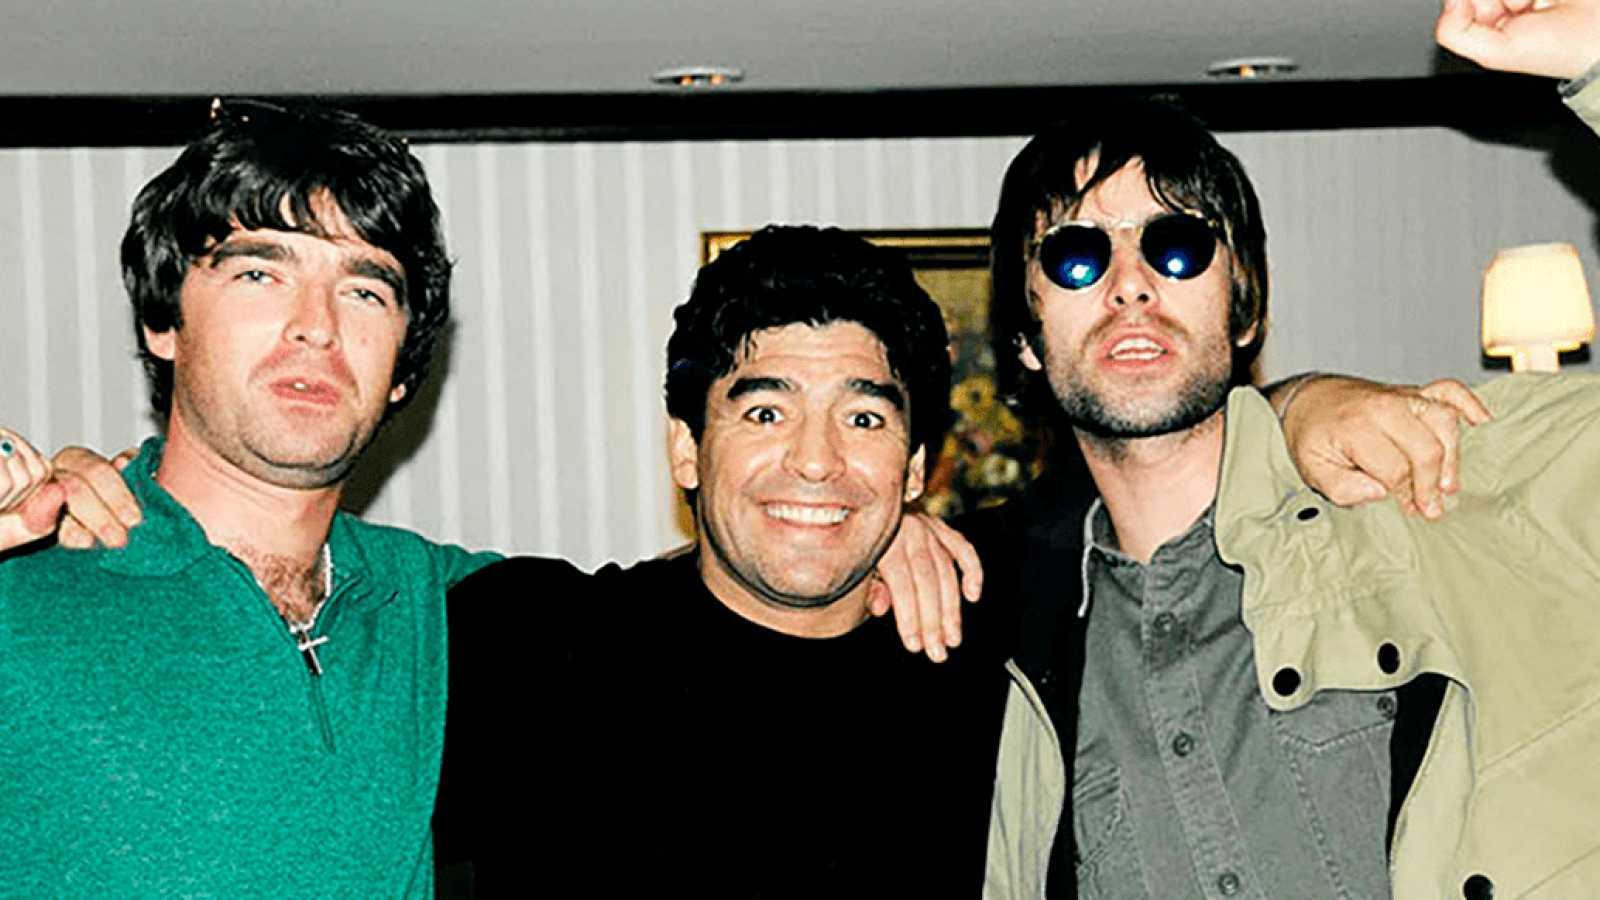 Na Na Na - Maradona, el icono pop - 25/11/20 - escuchar ahora